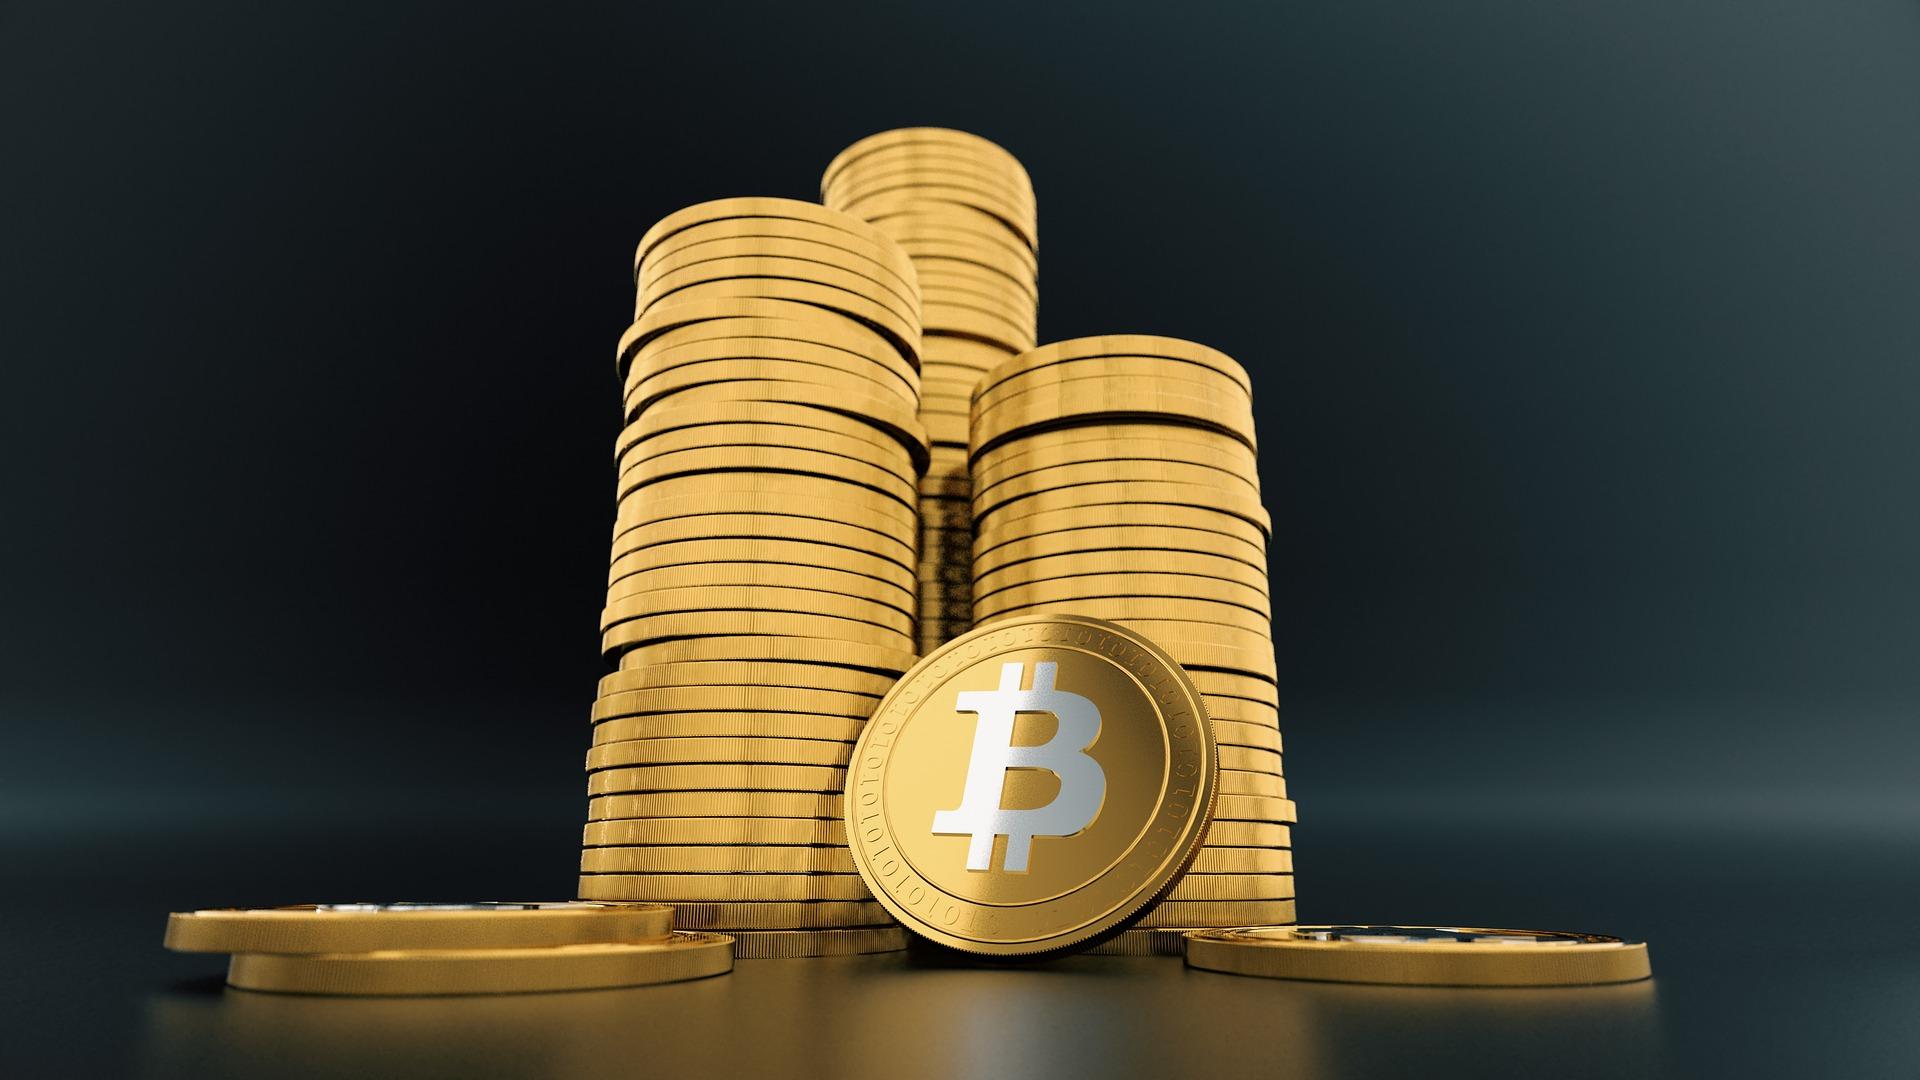 Michael Novogratz Bitcoin Price Prediction